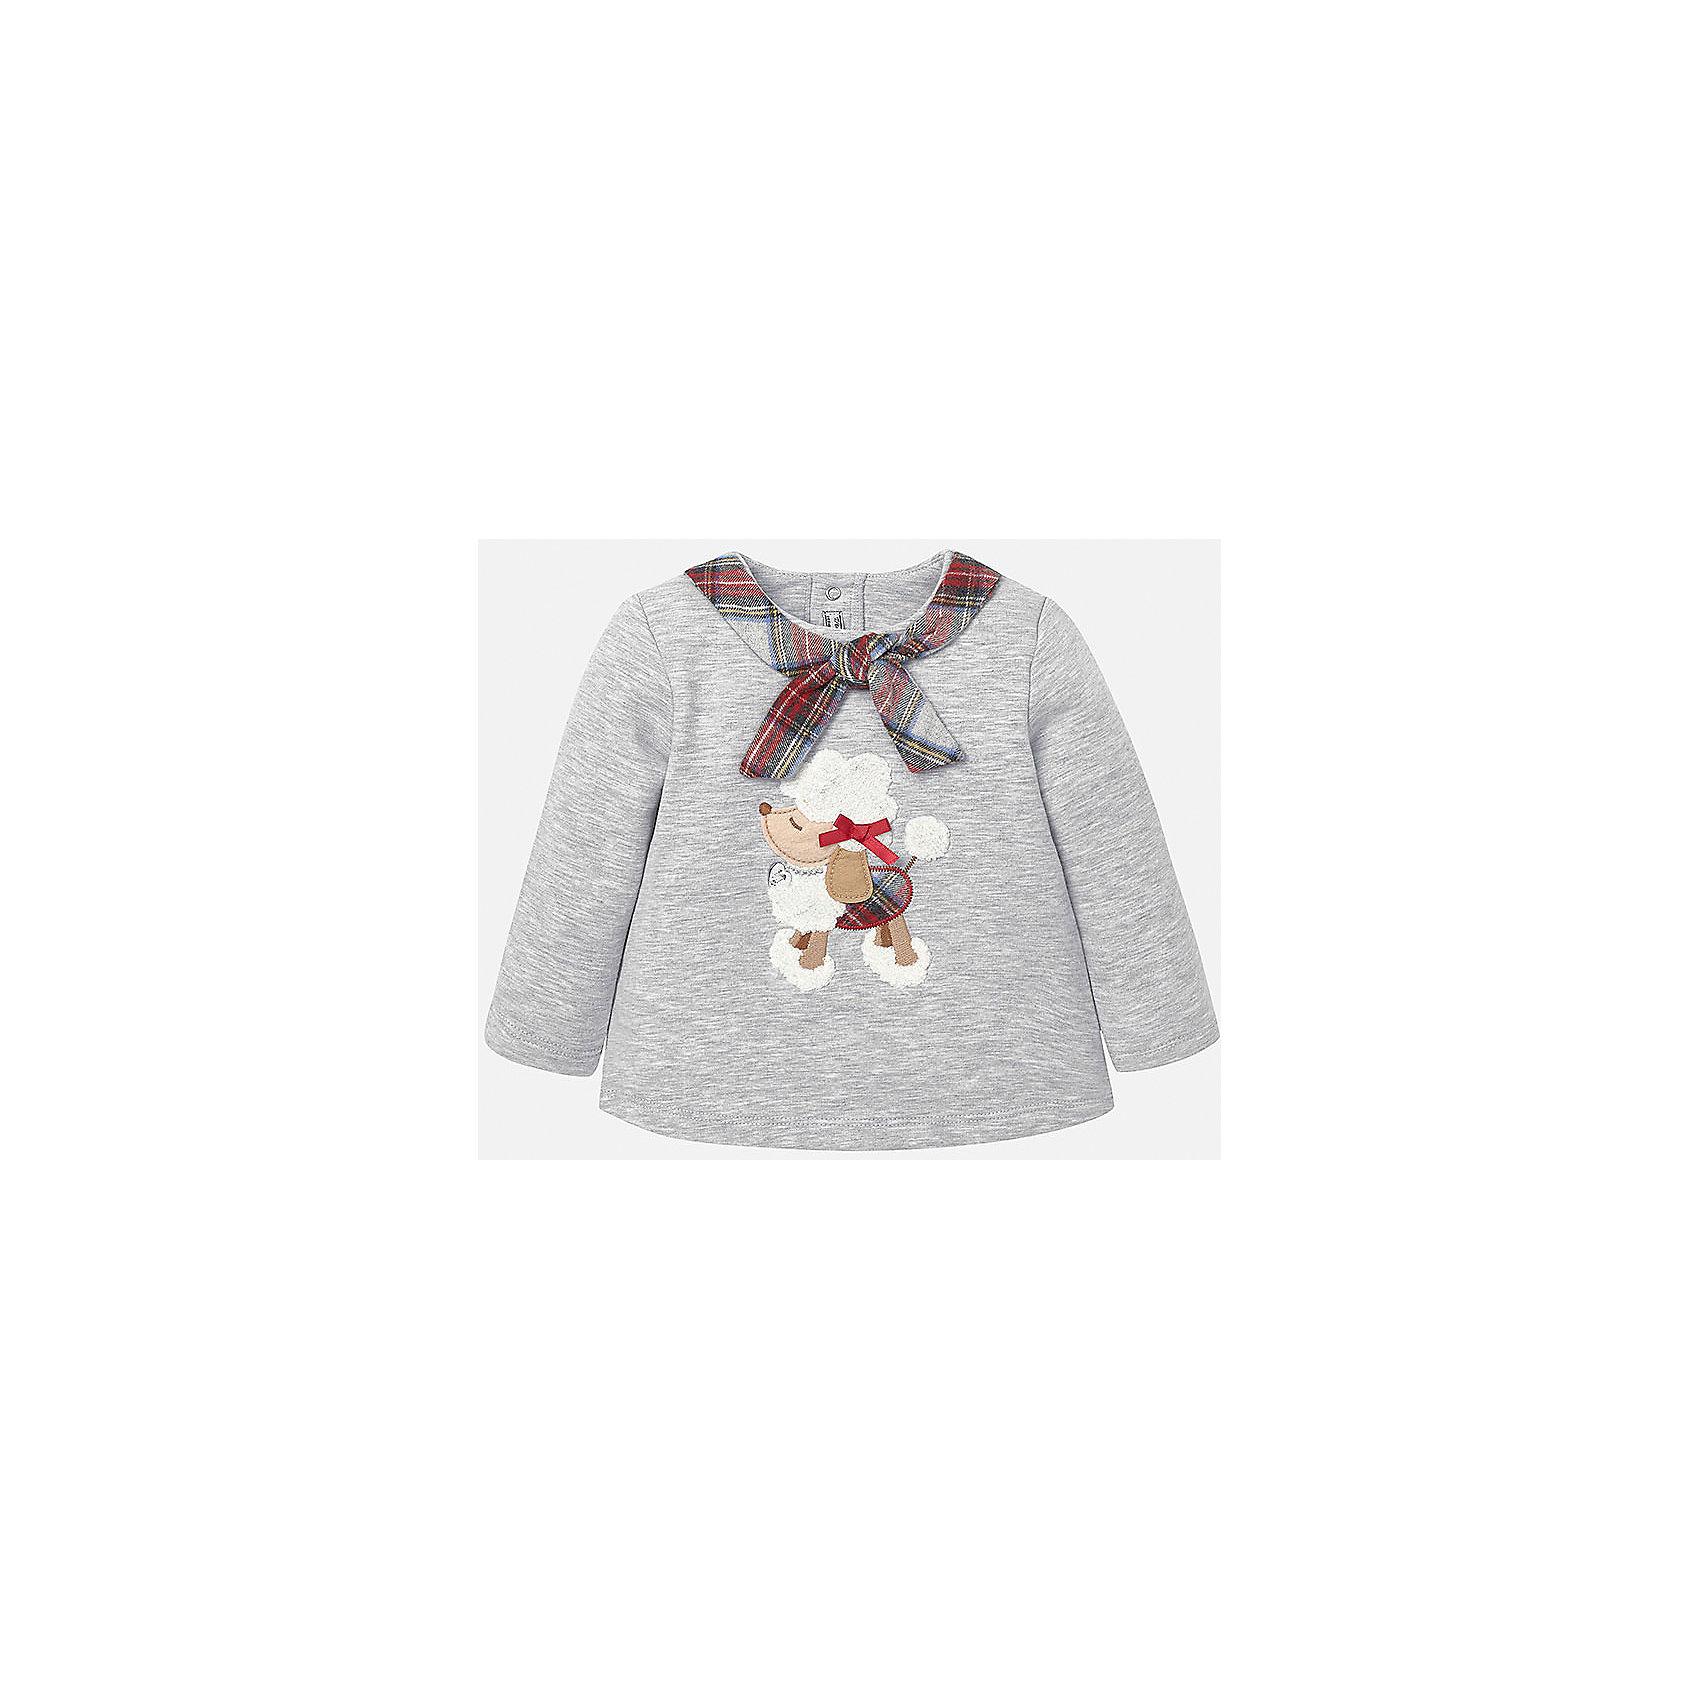 Свитер для девочки MayoralКрасивый и нарядный свитер для маленьких модниц с изображением очаровательной  собачки, которая  так всем понравиться. Свитер удачно дополнит любой предмет гардероба Вашей девочки.<br><br>Дополнительная информация: <br><br>- цвет: серый<br>- состав: хлопок57%, полиэстер 38%; эластан : 5%<br>- фактура материала: текстильный<br>- тип карманов: без карманов<br>- уход за вещами: бережная стирка при 30 градусах<br>- рисунок: без рисункоа<br>- назначение: повседневная<br>- сезон: круглогодичный<br>- пол: девочки<br>- страна бренда: Испания<br>- комплектация: свитер<br><br>Свитер для девочки торговой марки Mayoral можно купить в нашем интернет-магазине.<br><br>Ширина мм: 190<br>Глубина мм: 74<br>Высота мм: 229<br>Вес г: 236<br>Цвет: белый<br>Возраст от месяцев: 6<br>Возраст до месяцев: 9<br>Пол: Женский<br>Возраст: Детский<br>Размер: 74,92,86,80<br>SKU: 4846059